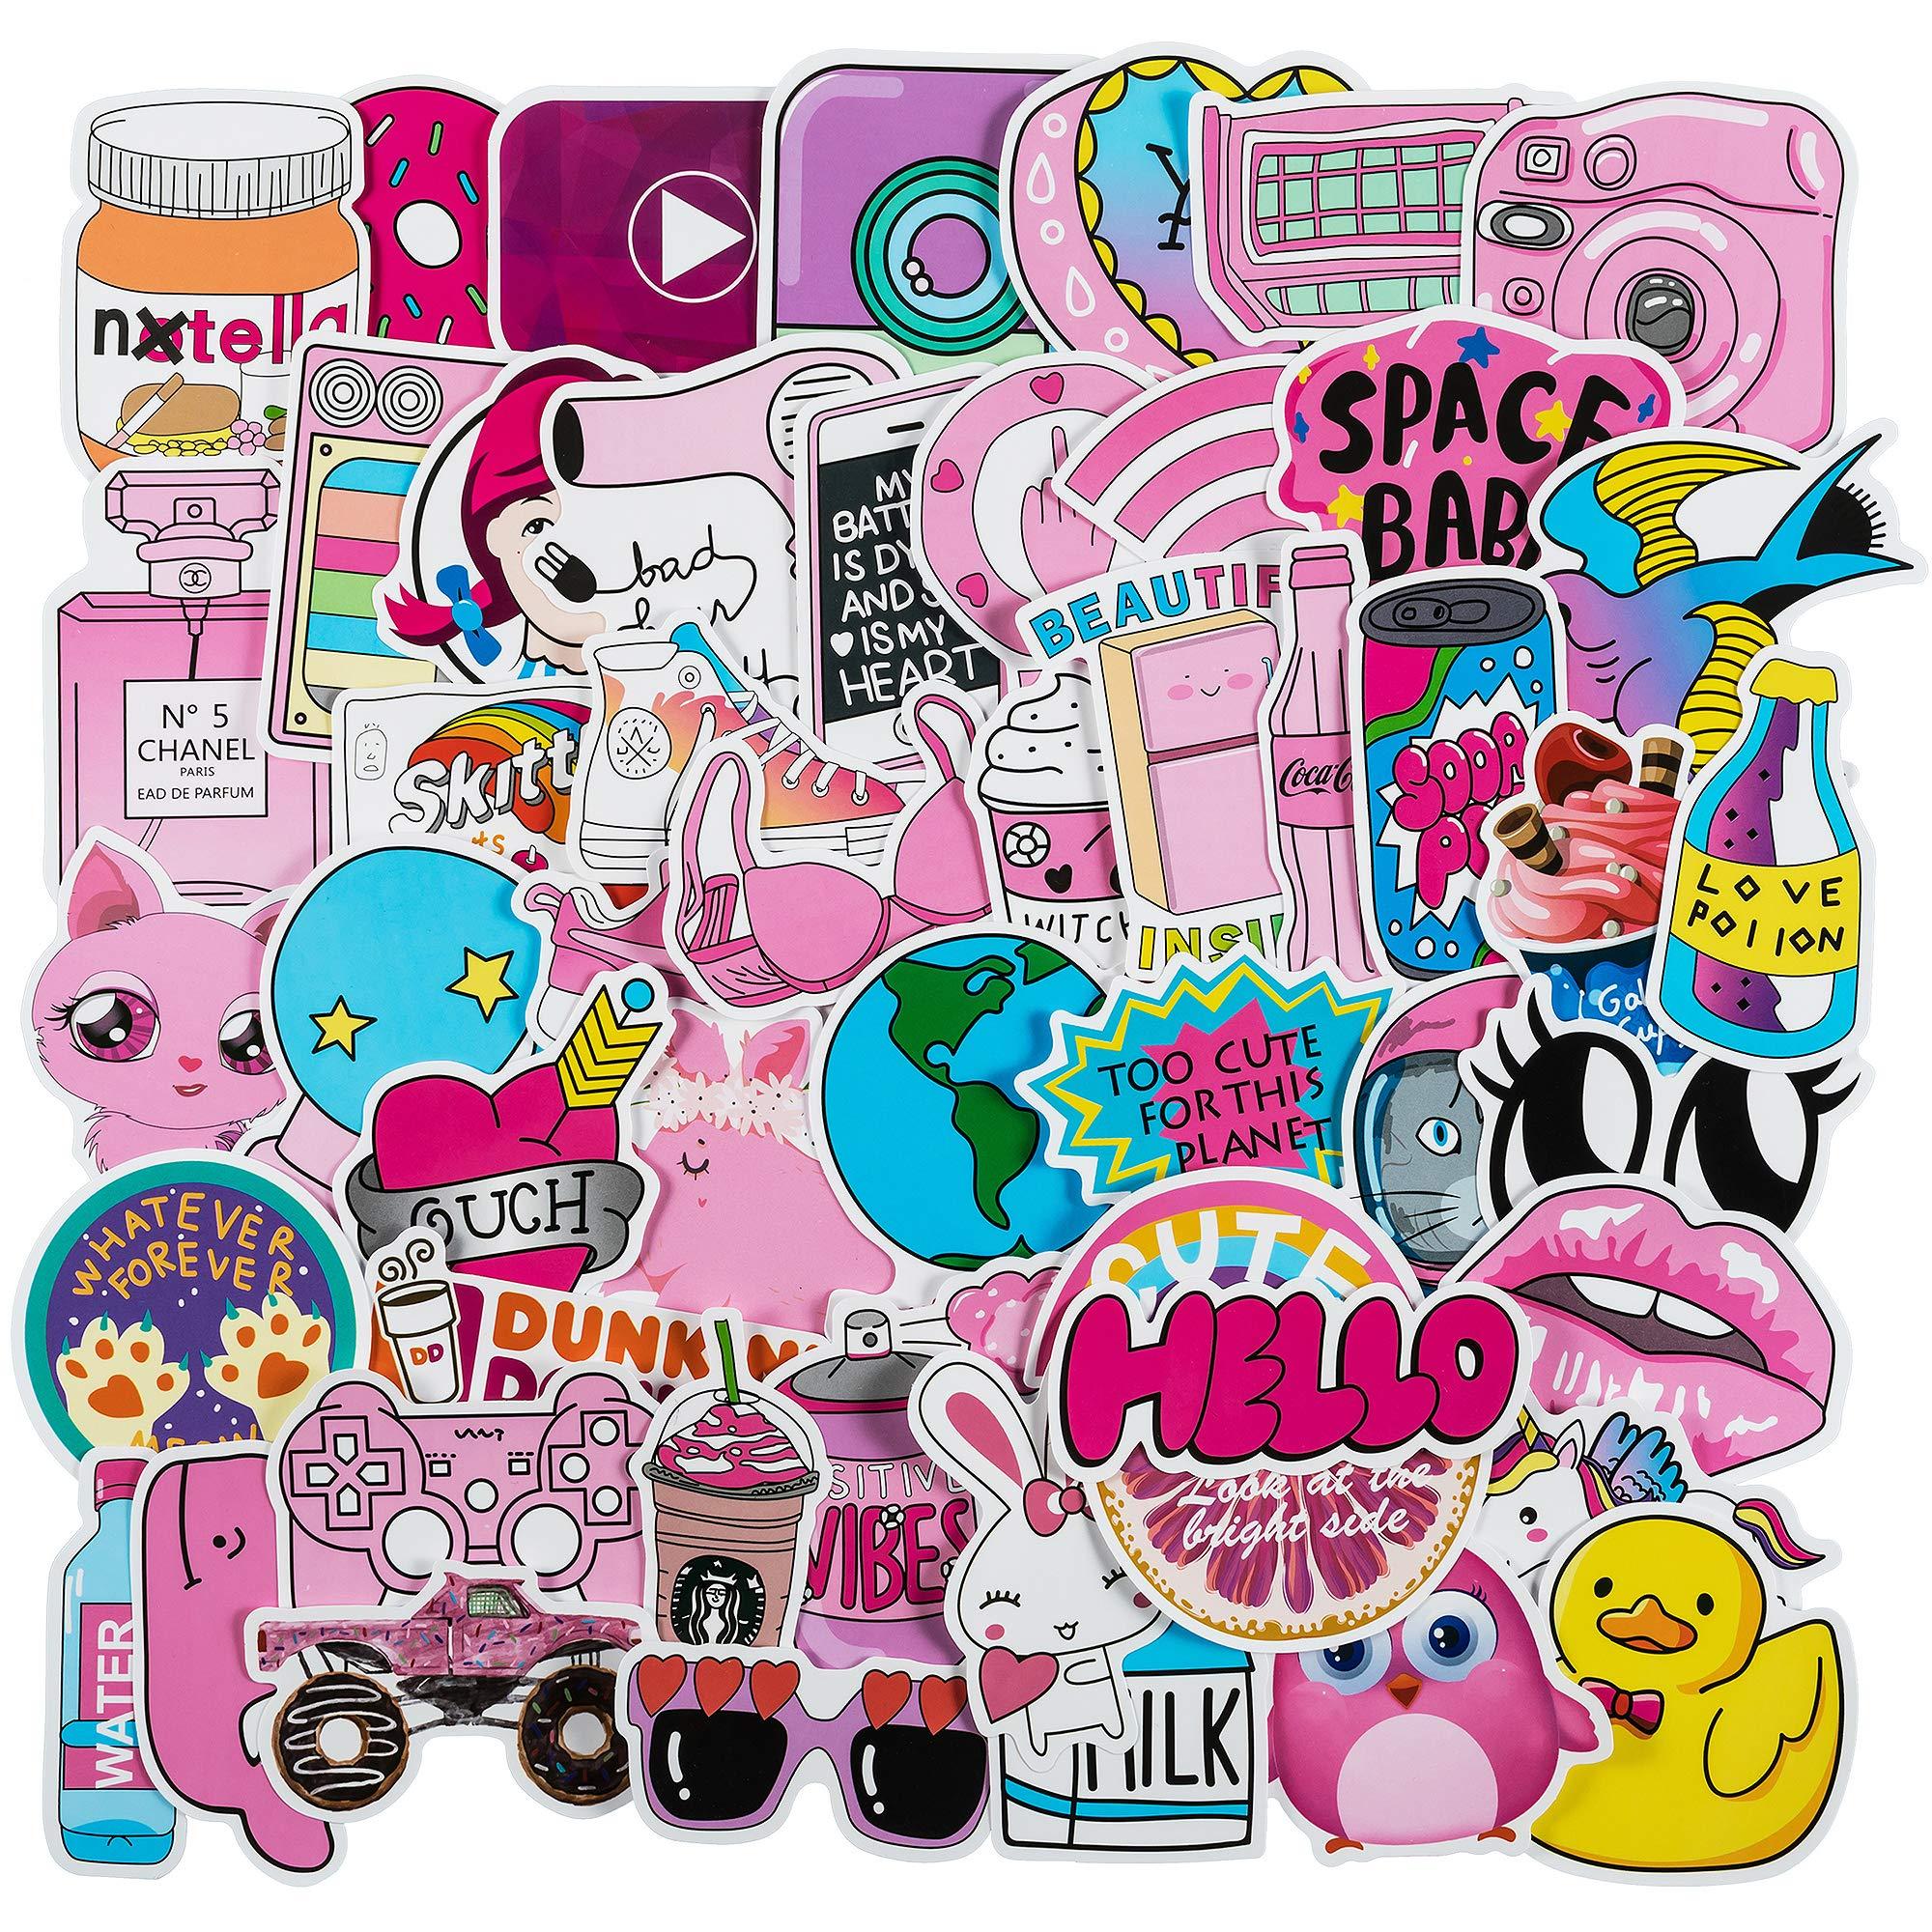 Stickers Calcos 50 un. Surtidos Origen U.S.A. (7JVQCWYV)